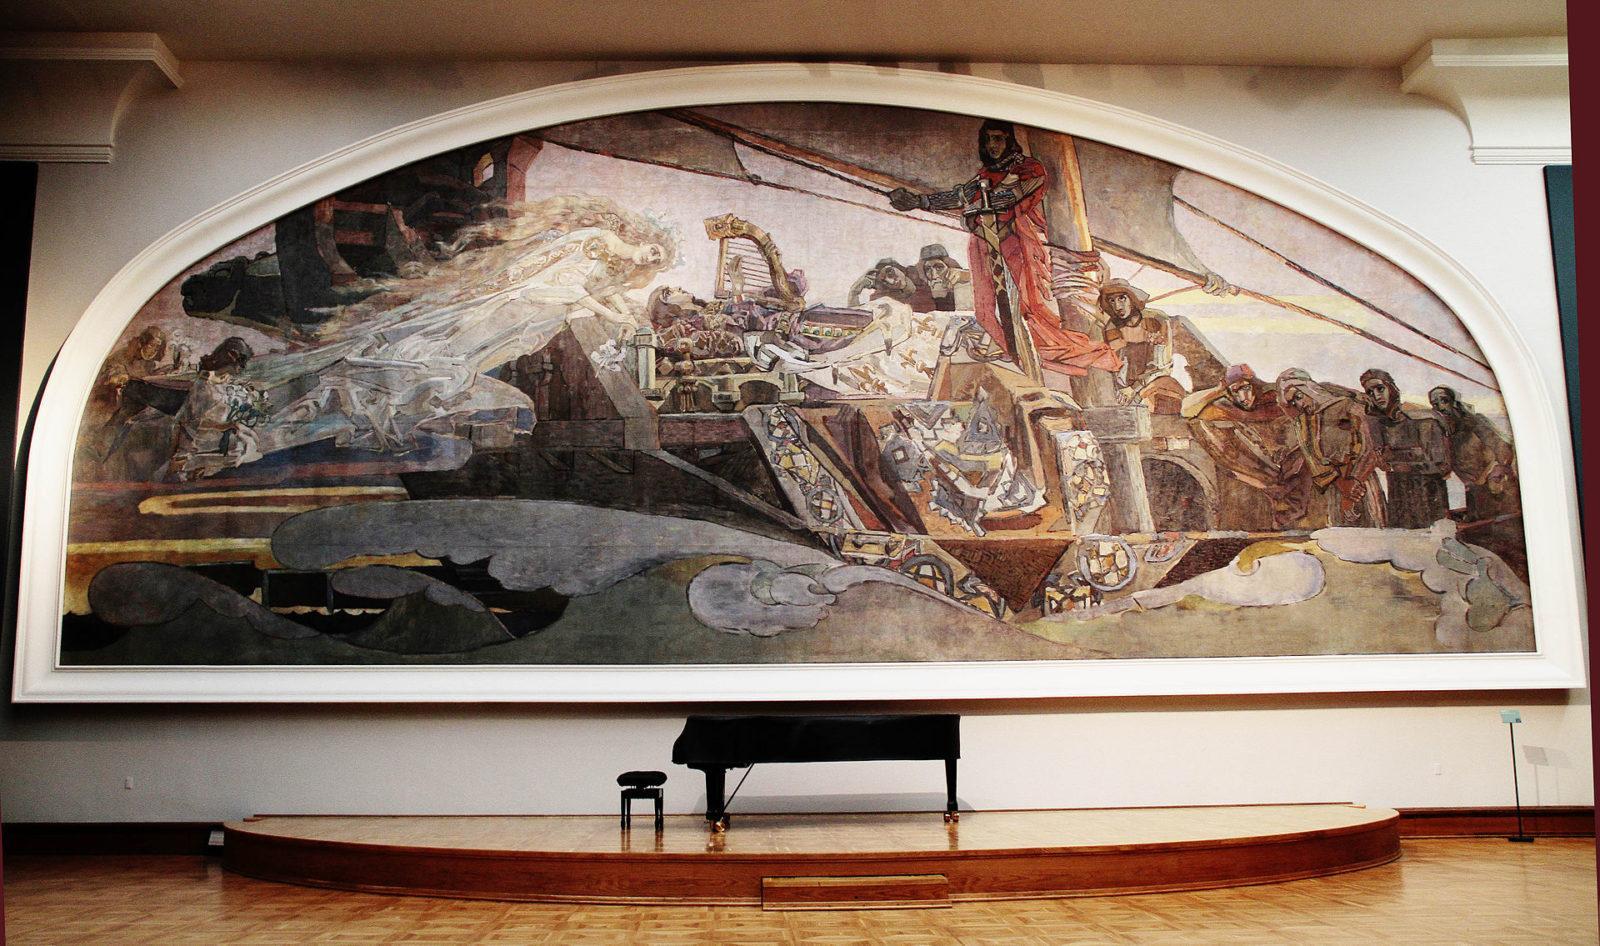 зал михаил врубель и николай рерих Третьяковская галерея